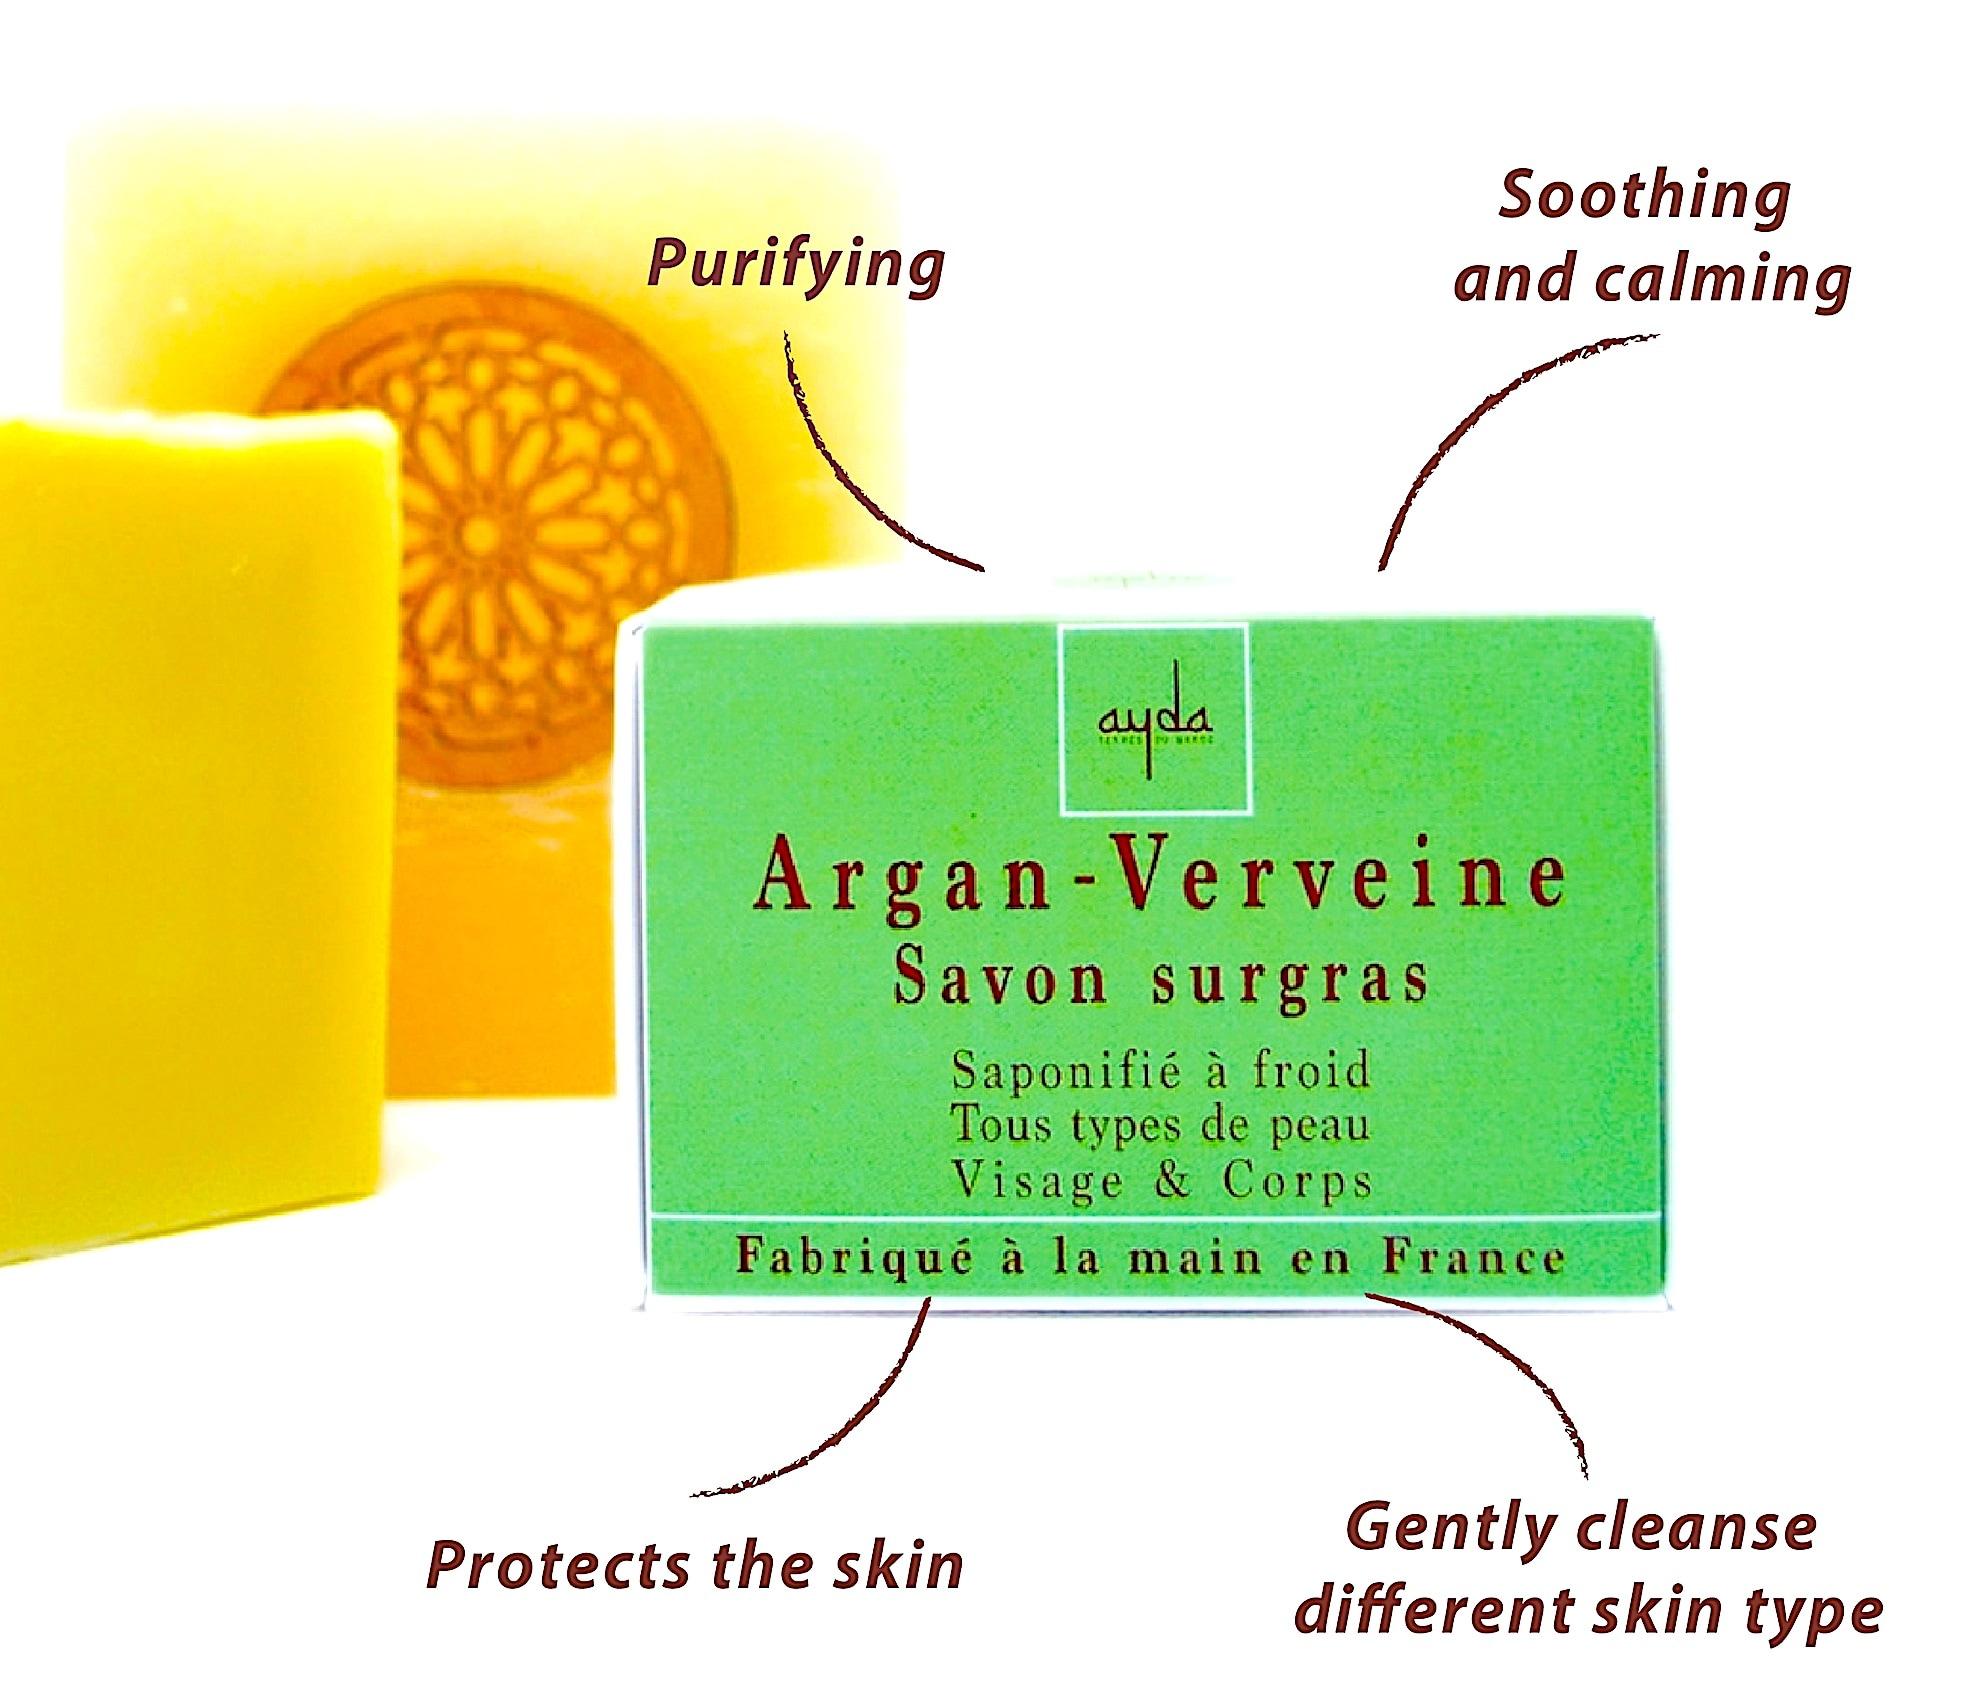 cold soap benefits argan verbena